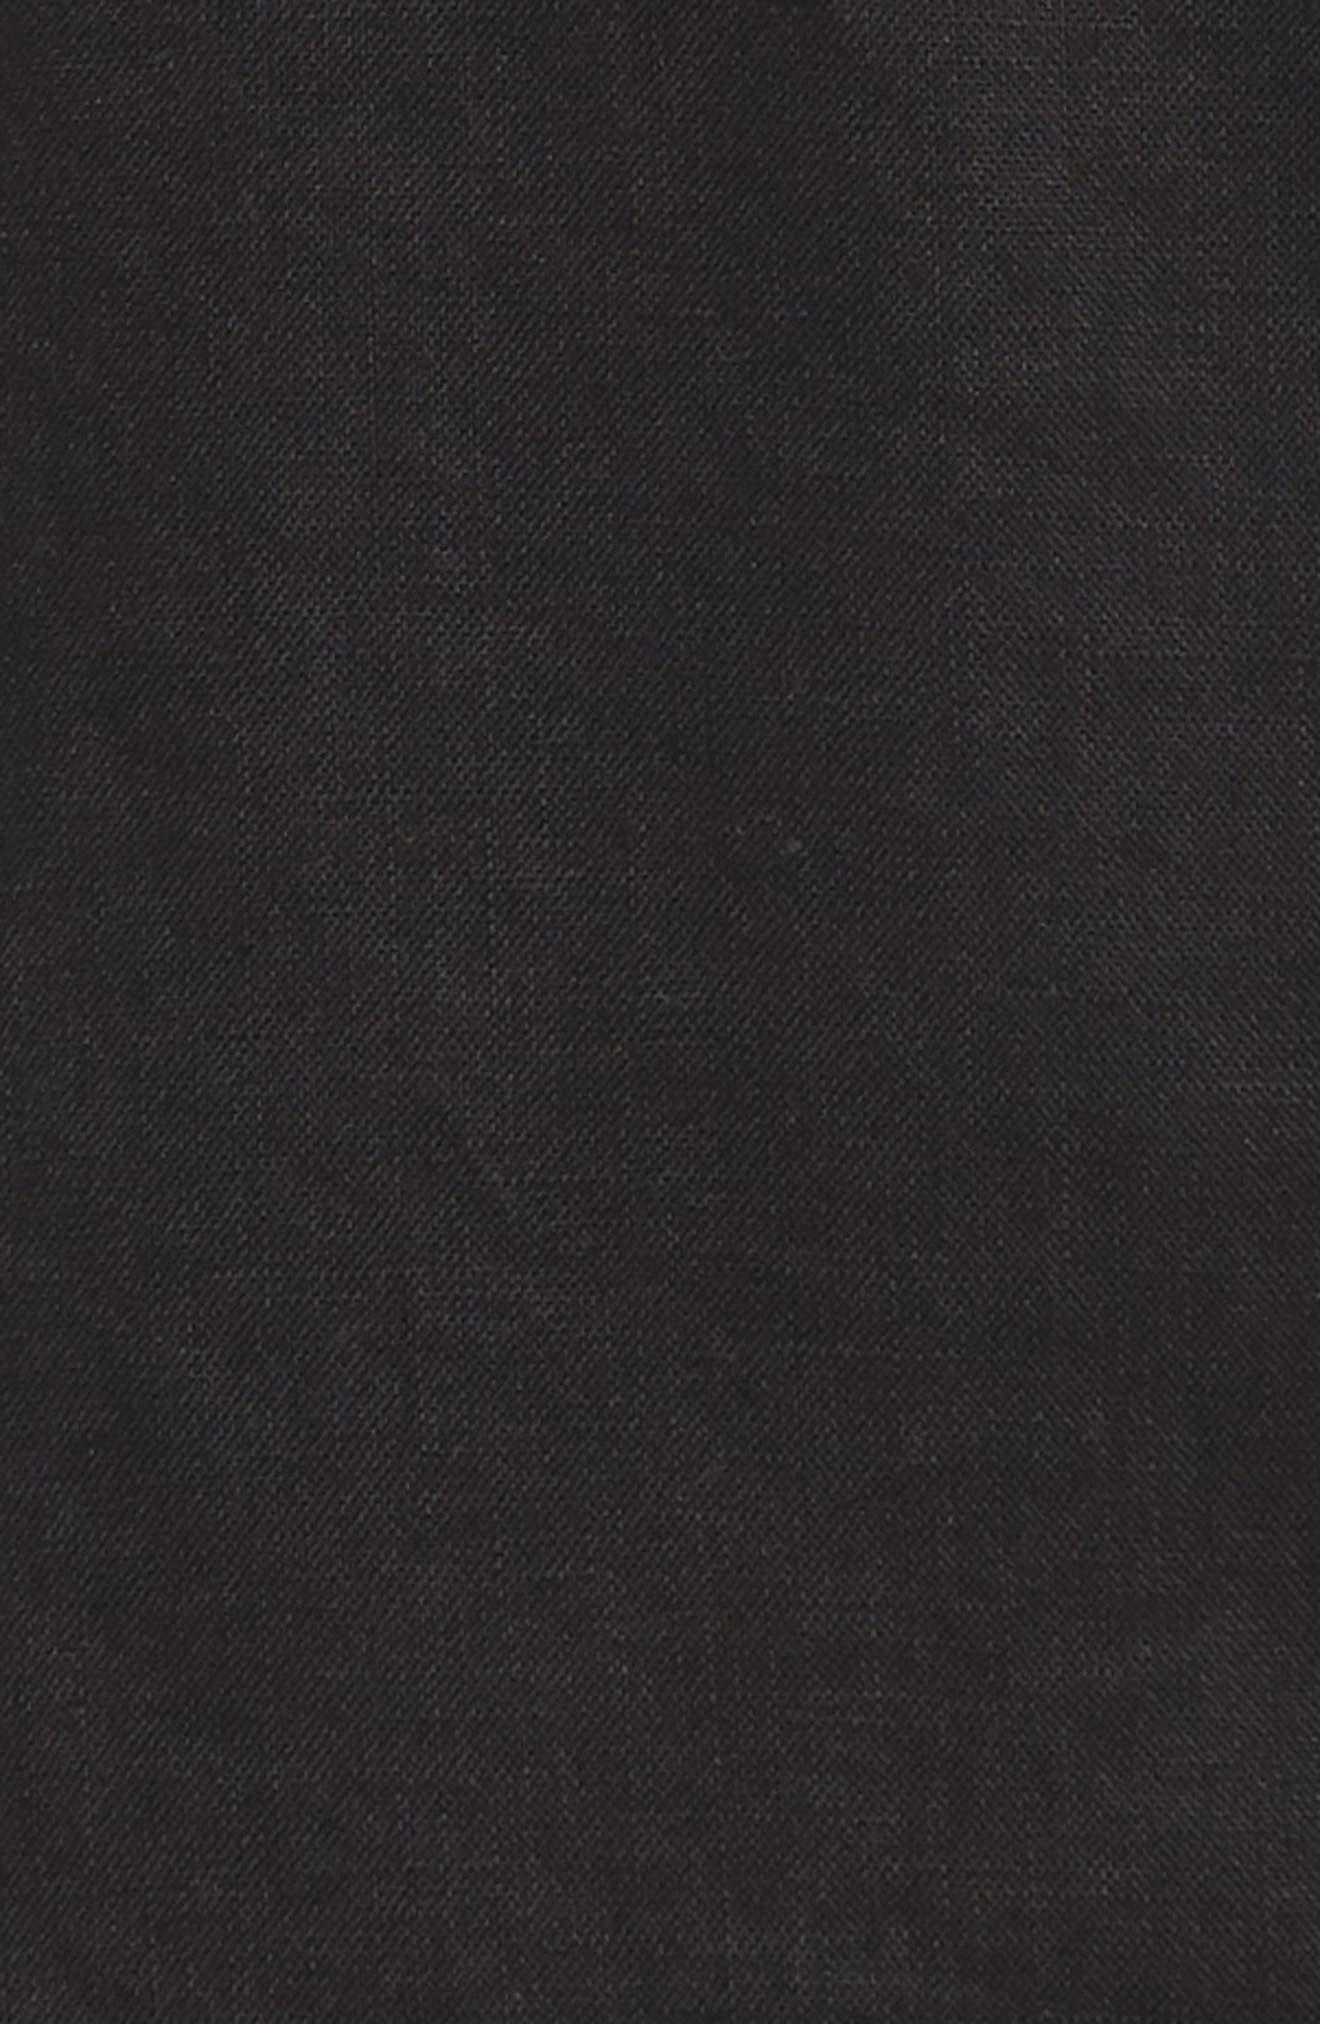 Linen Ankle Pants,                             Alternate thumbnail 6, color,                             BLACK